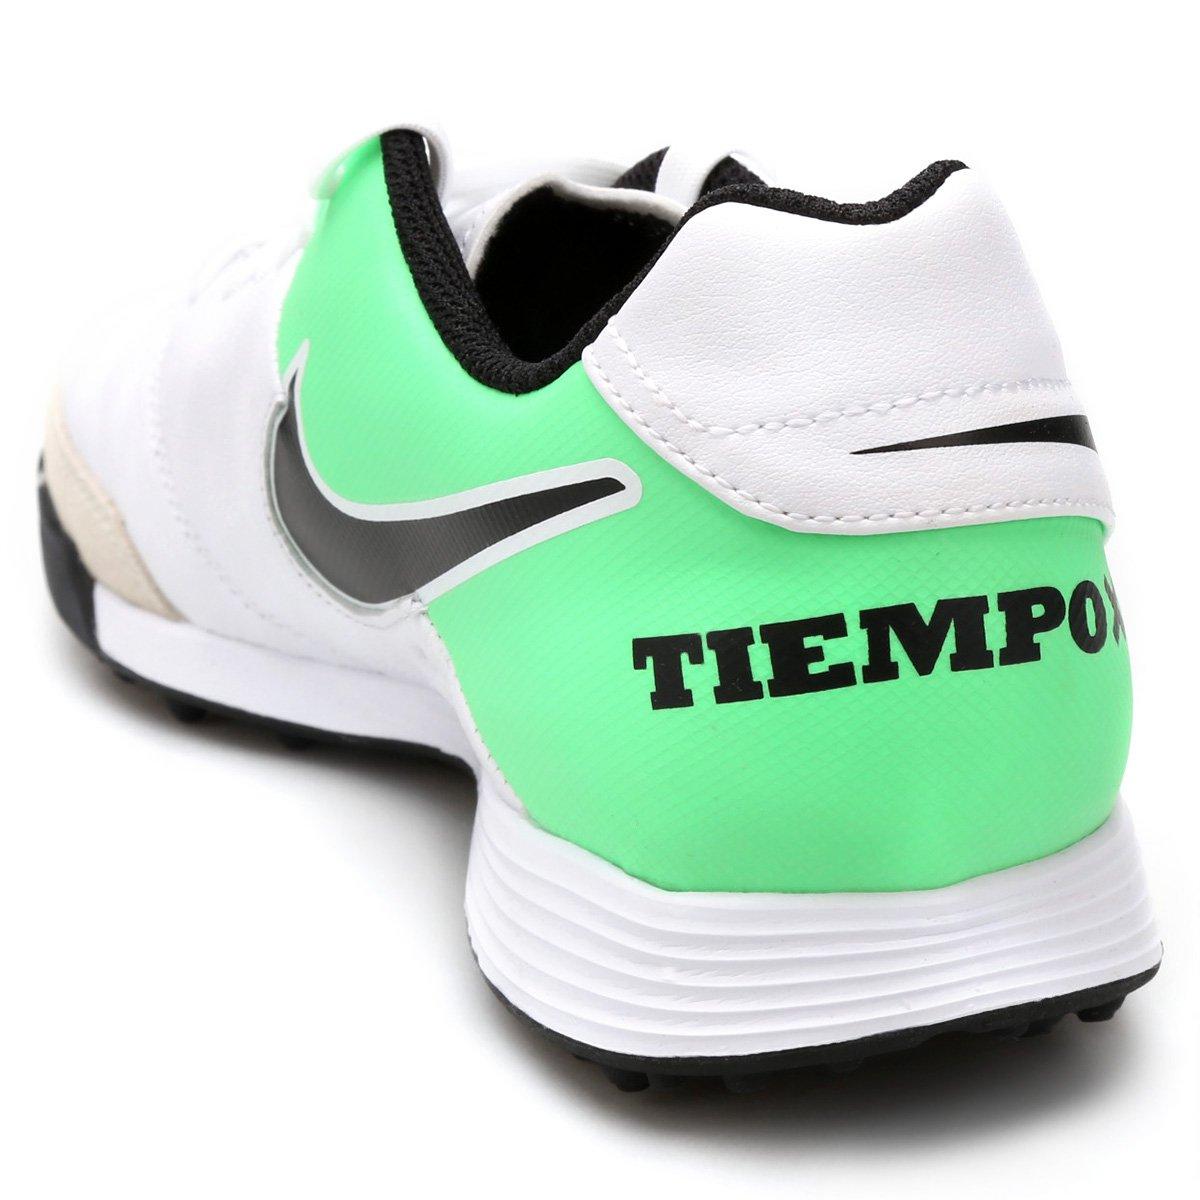 ... Nike 2 TF e Chuteira Branco Society Leather Genio Masculina Verde Tiempo  S5SIfq ... b691c575f74c3